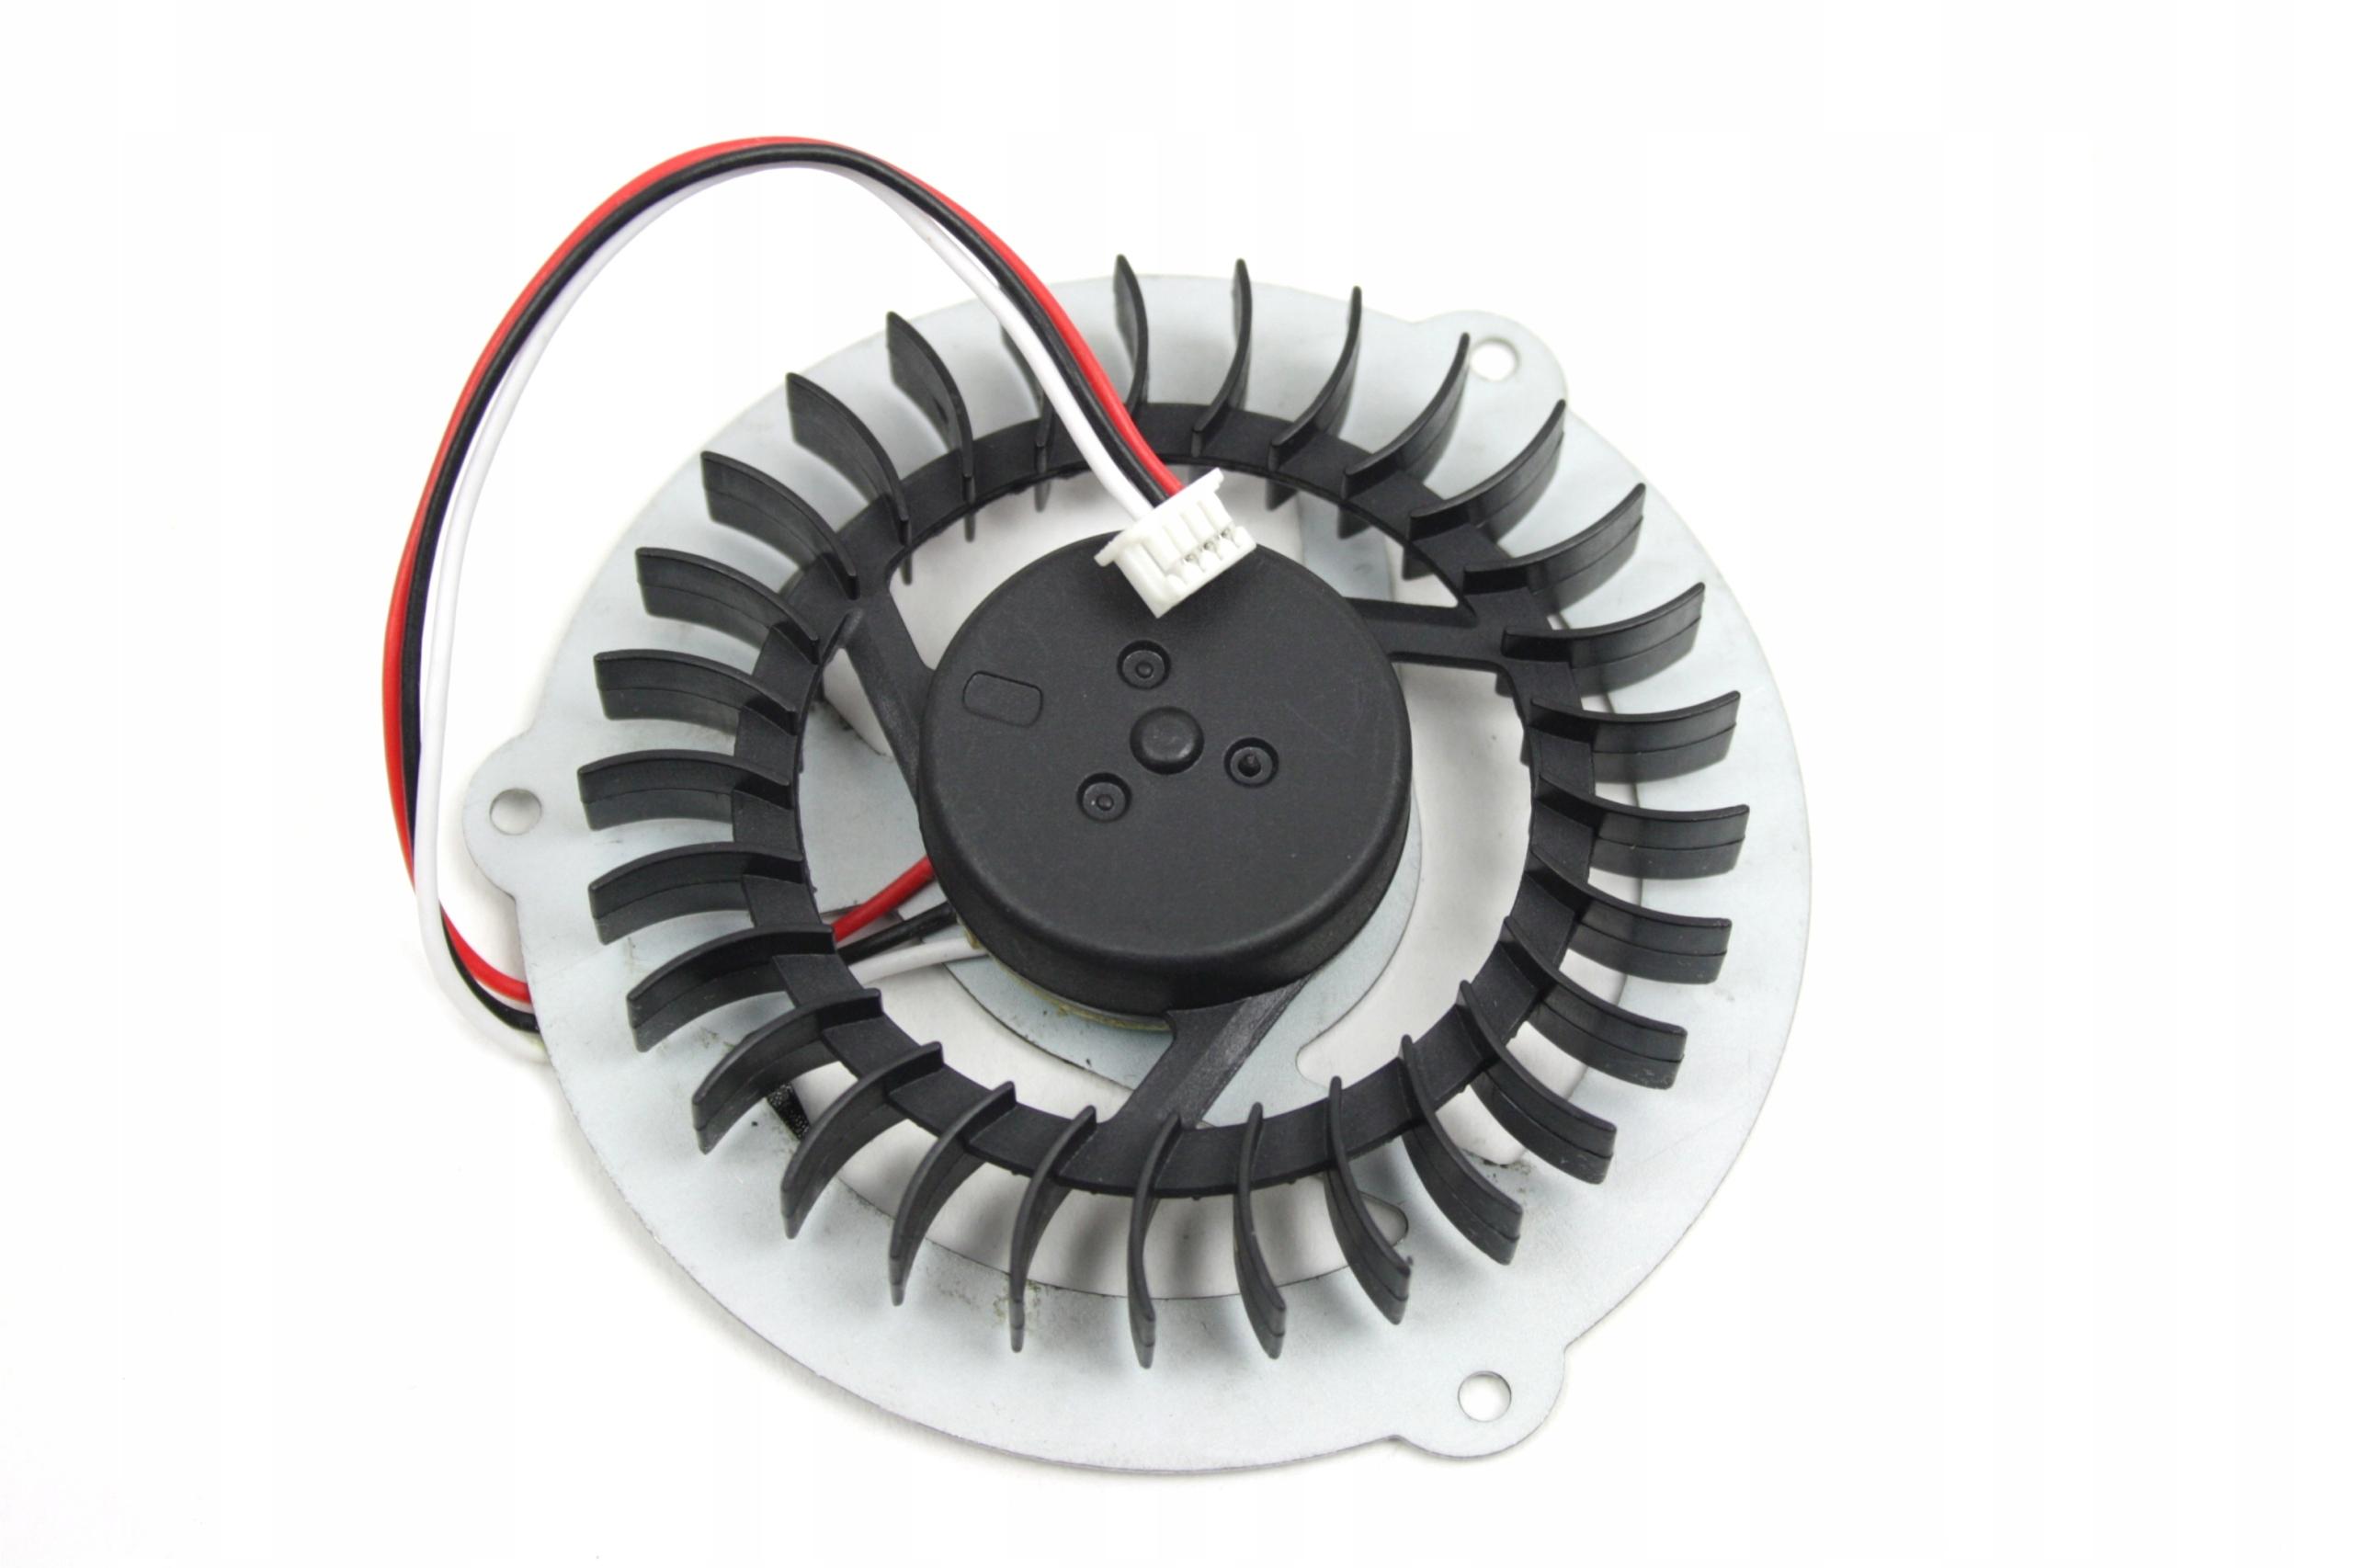 WENTYLATOR CHŁODZENIE WIATRAK SAMSUNG R70 R560 R700 R518 X460 - Wentylatory i radiatory